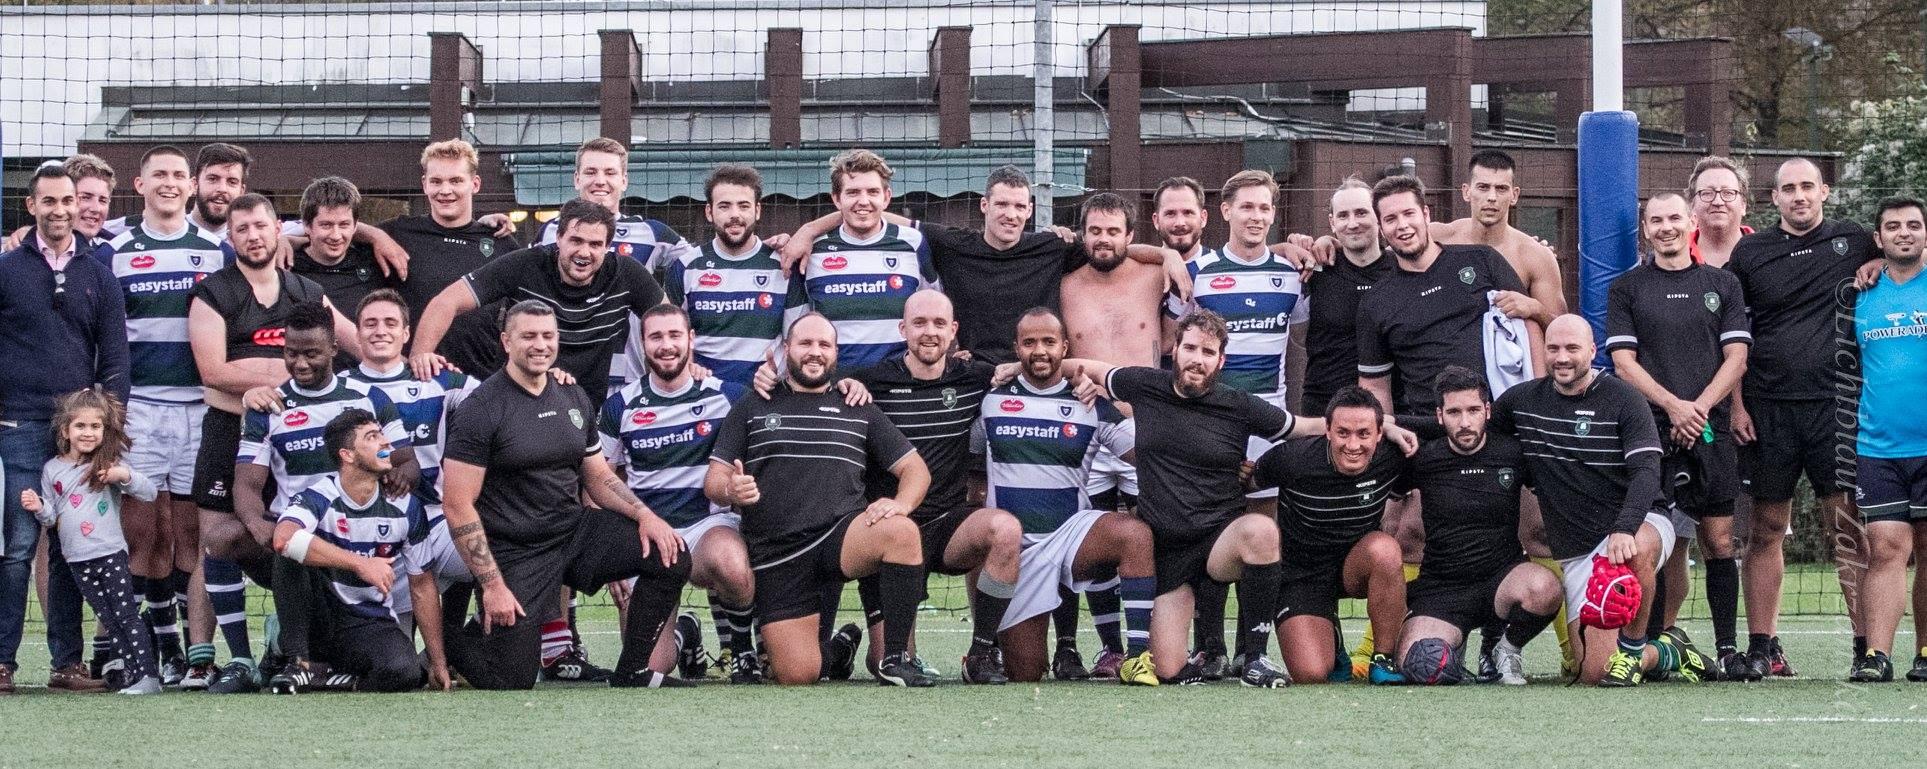 Rugby Klub Bratislava - 2018, RC Donau - Wien